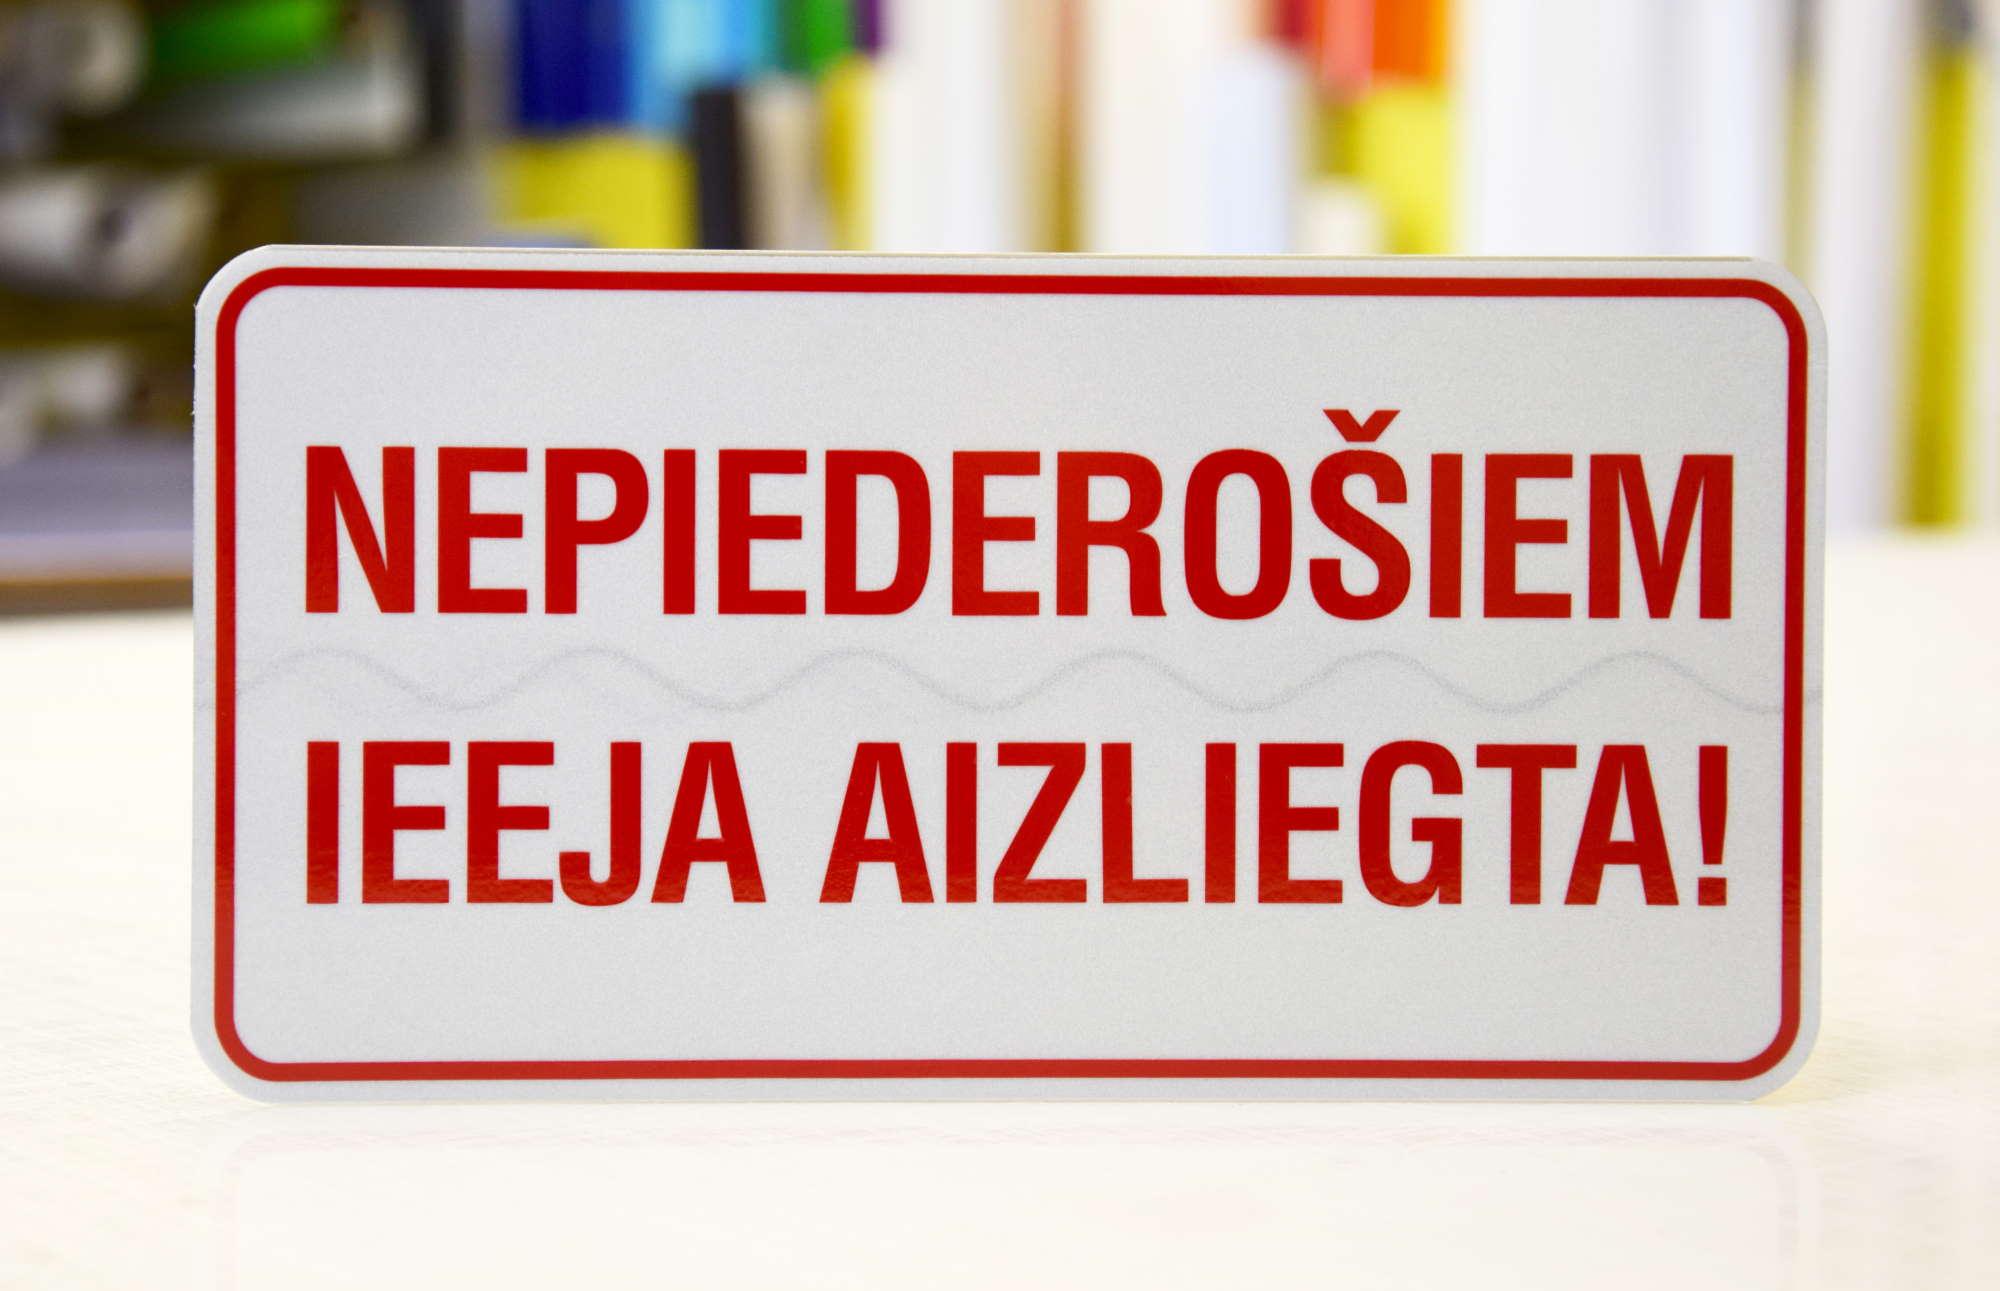 LATSIGN Informatīvā brīdinājuma zīme - Nepiederošiem ieeja aizliegta!